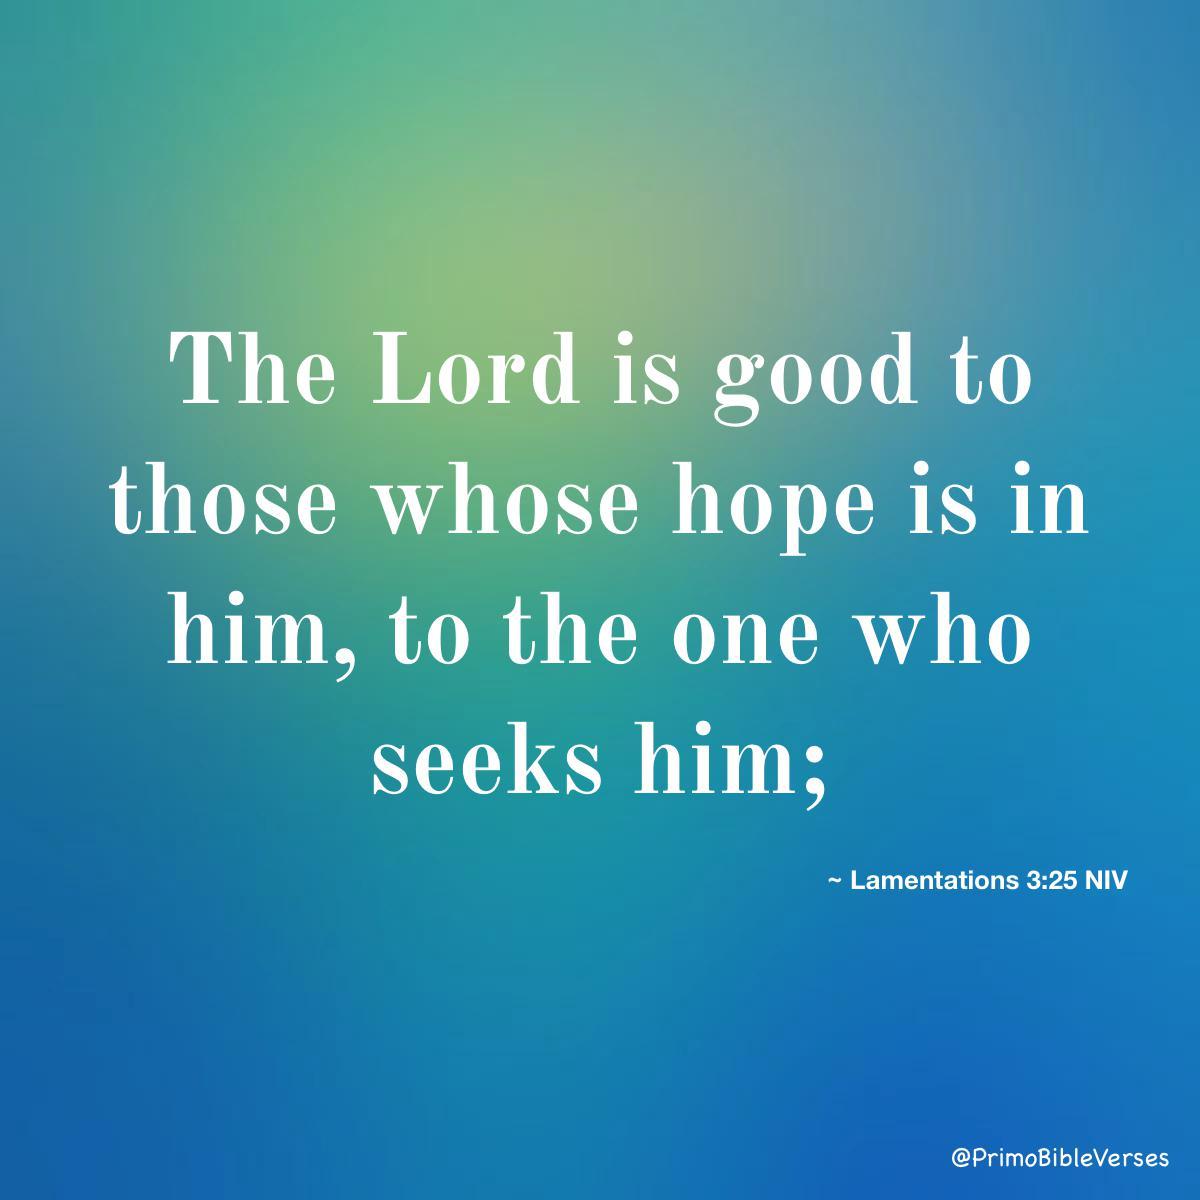 Lamentations 3 25 niv bible bibleverses lamentations desireverses waitingverses